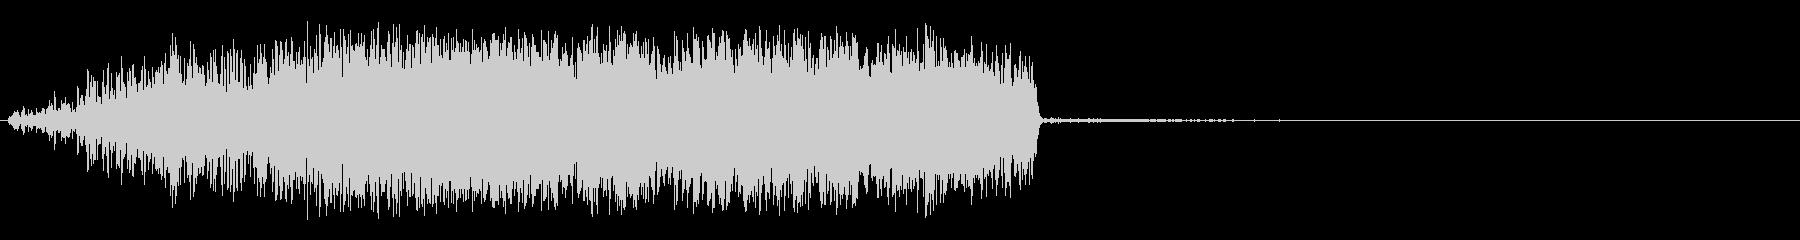 ランダムスパイラルフーシュの未再生の波形